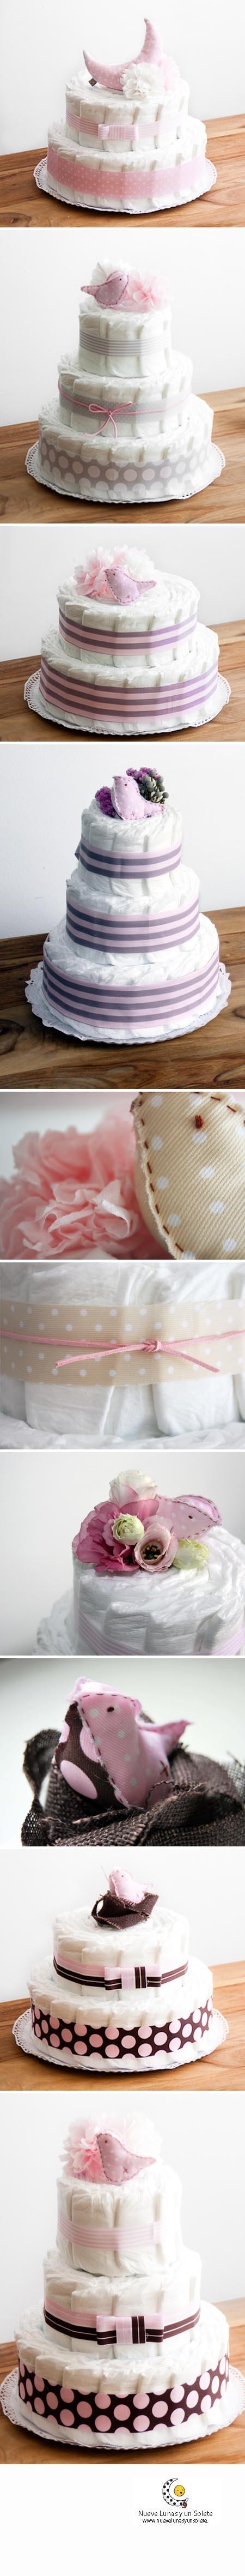 Tartas de pañales en tonos rosas  de www.nuevelunasyunsolete.com